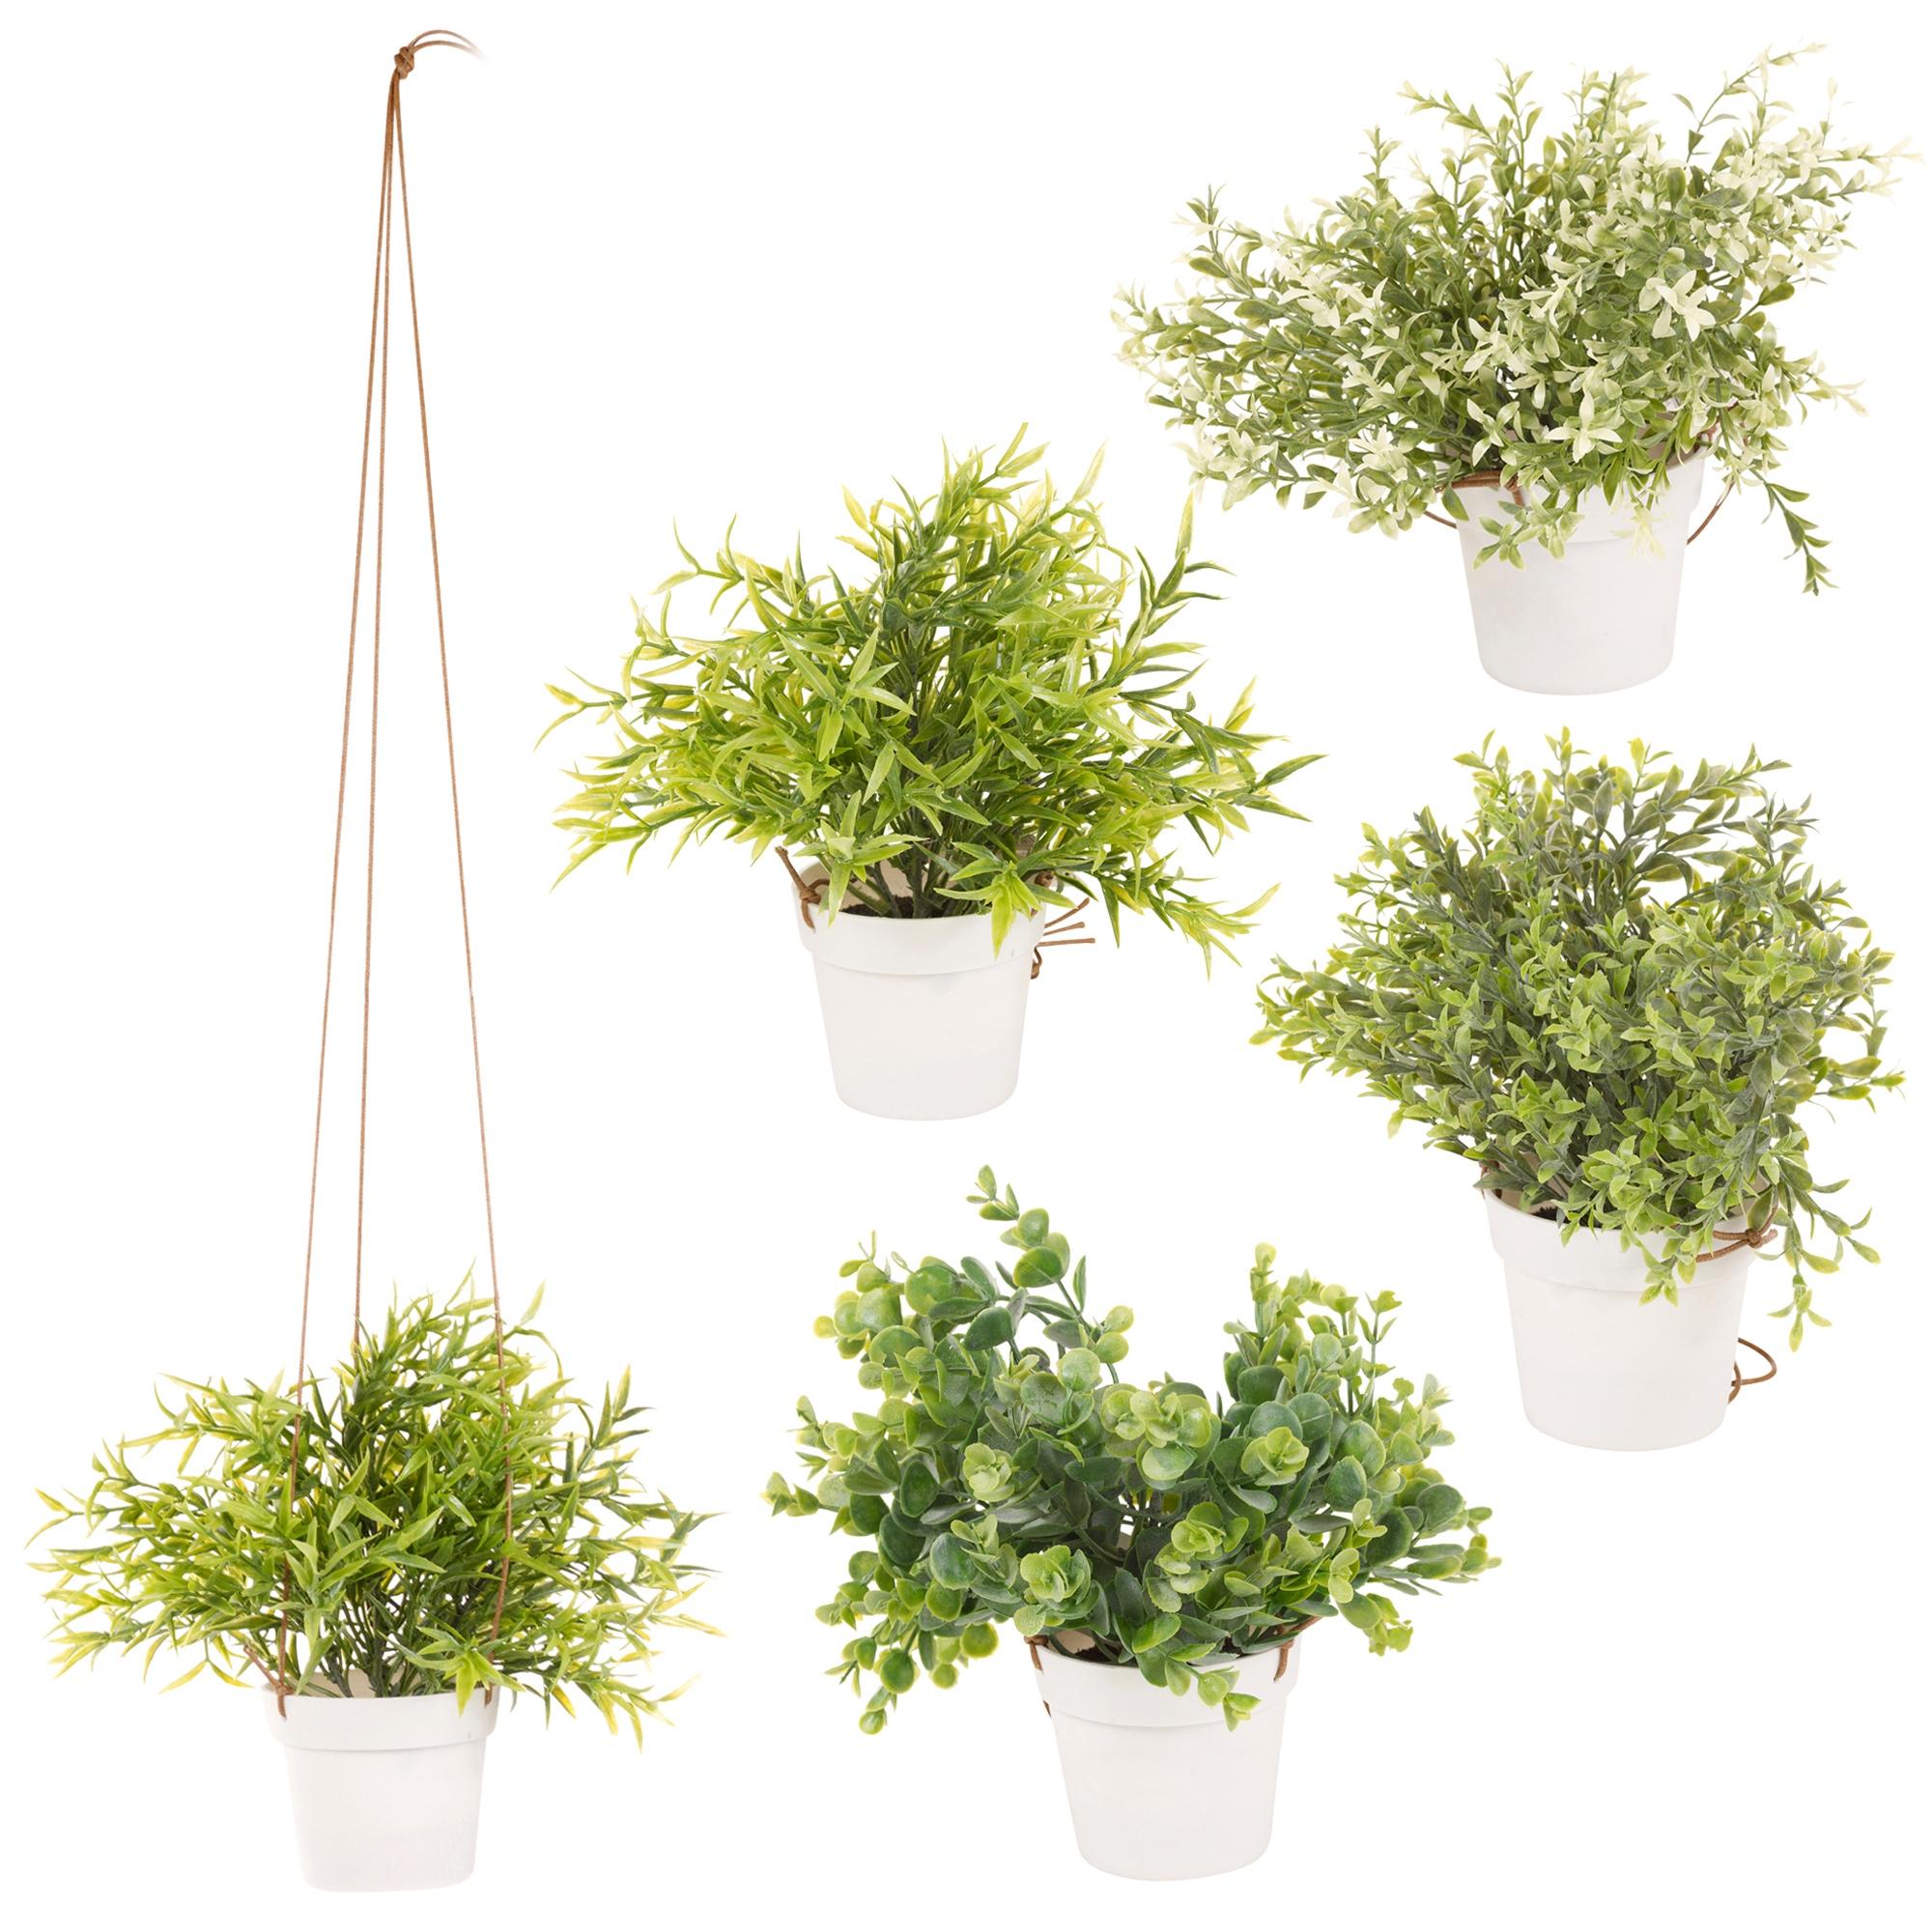 Artificial Hanging Plant Pot Basket Indoor Outdoor Garden